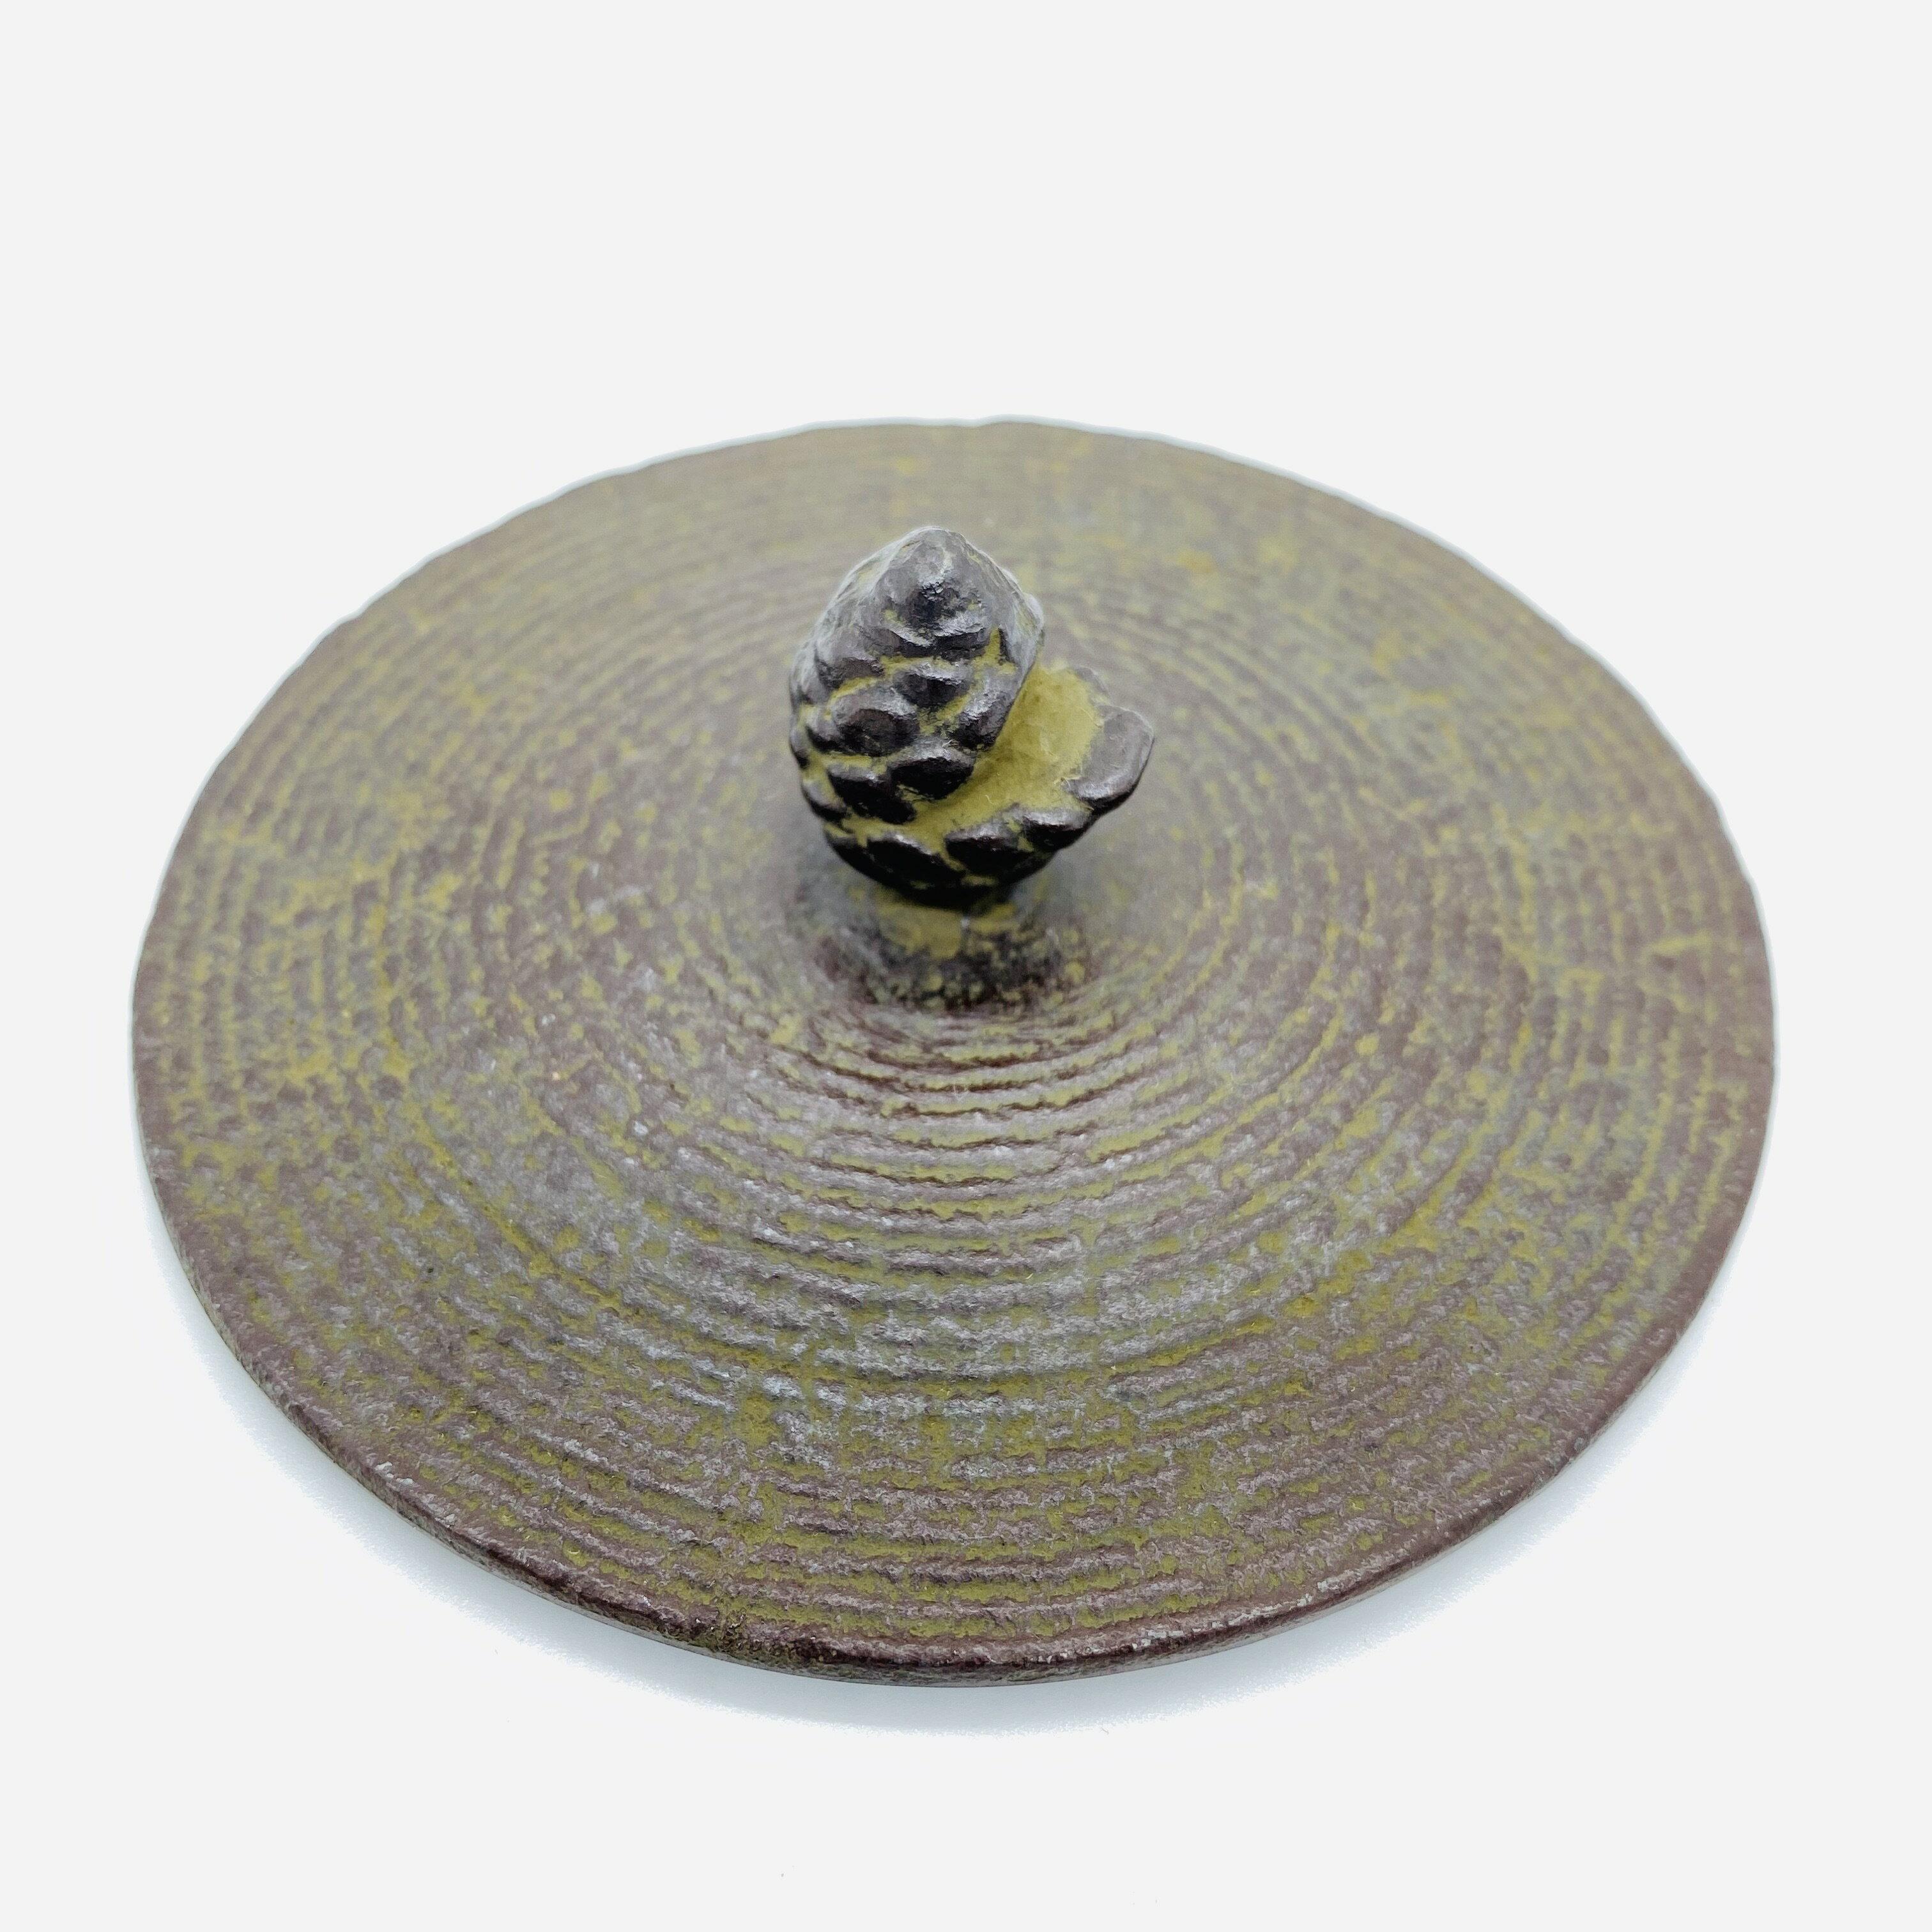 日本 本場南部鐵器-【佐藤勝久 平丸型 系目波紋 1.2L】鐵壺 鉄瓶 煮水 泡茶 只有1個 7